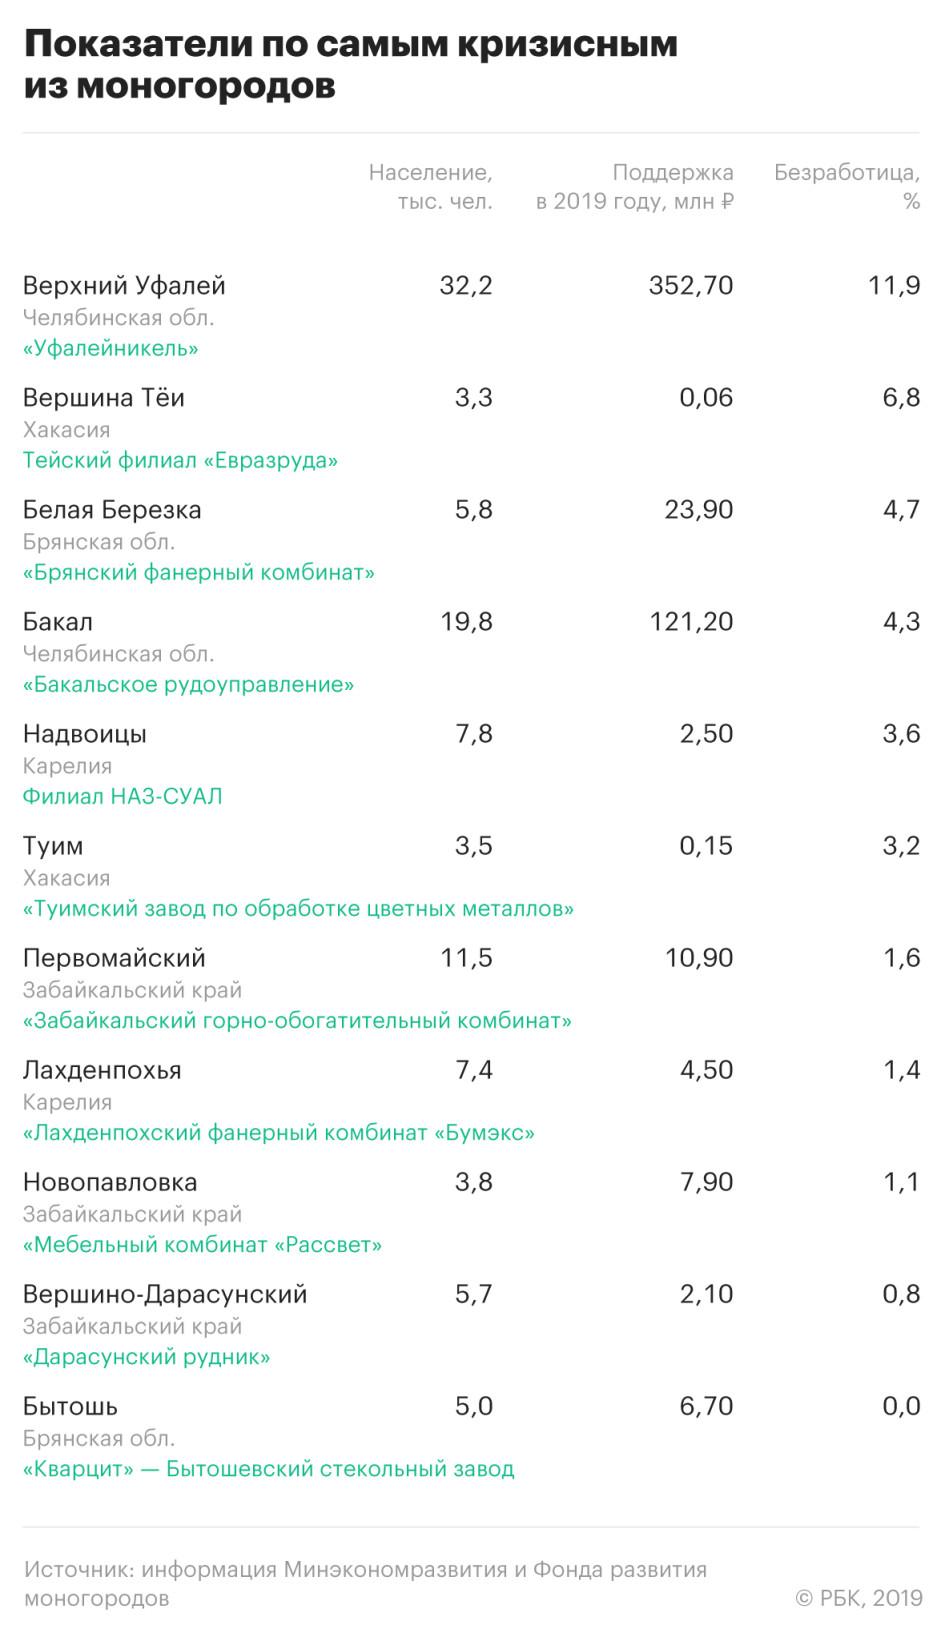 Минэкономразвития назвало 11 самых проблемных российских моногородов